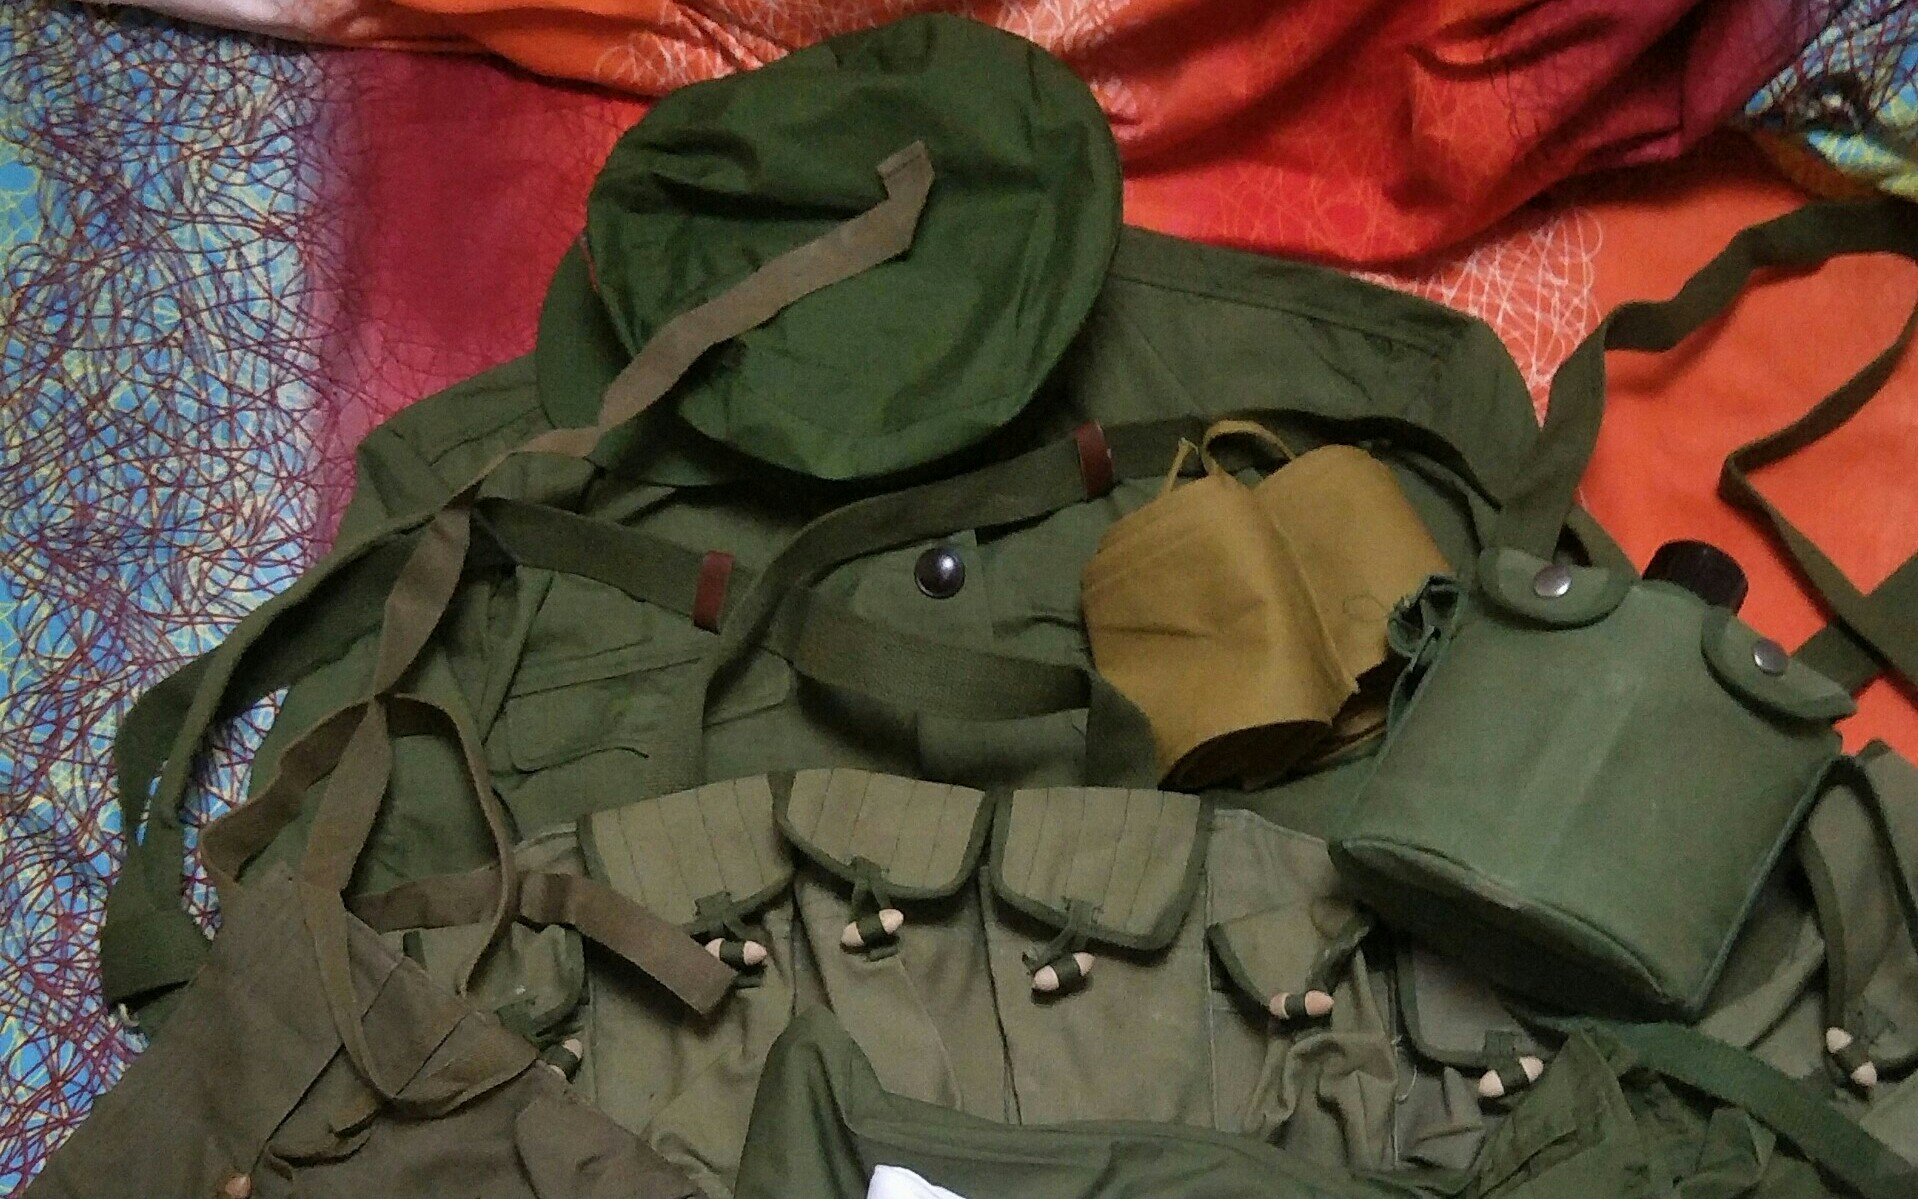 解放军对越边界自卫反击战装备开箱